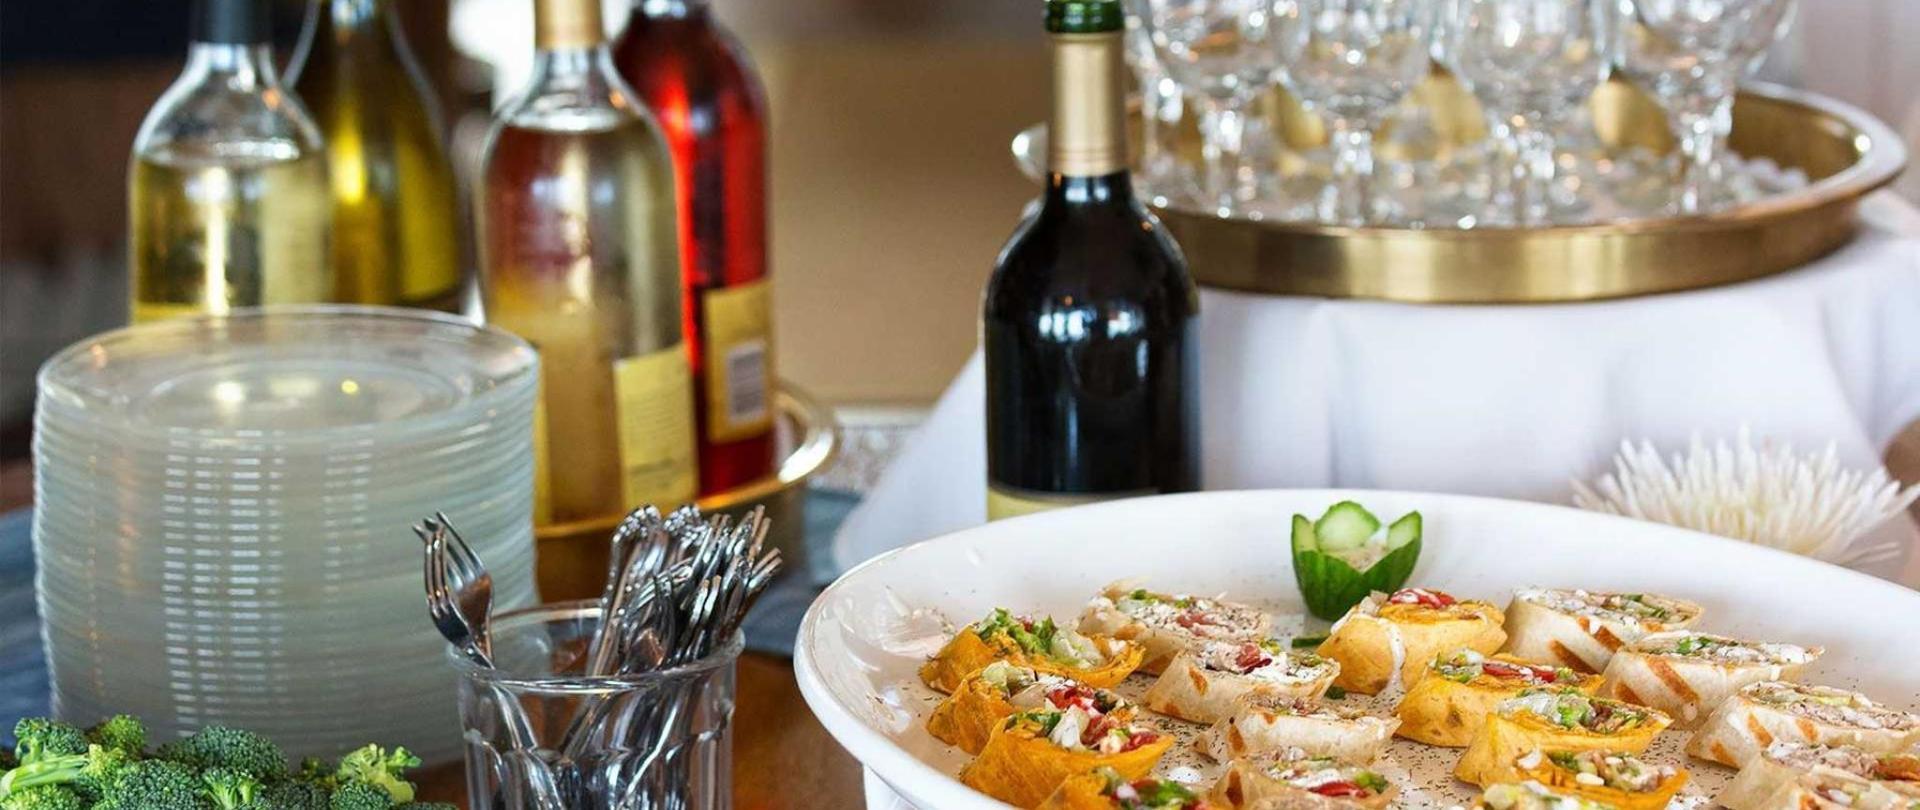 cuisine9.jpg.1920x0.jpg